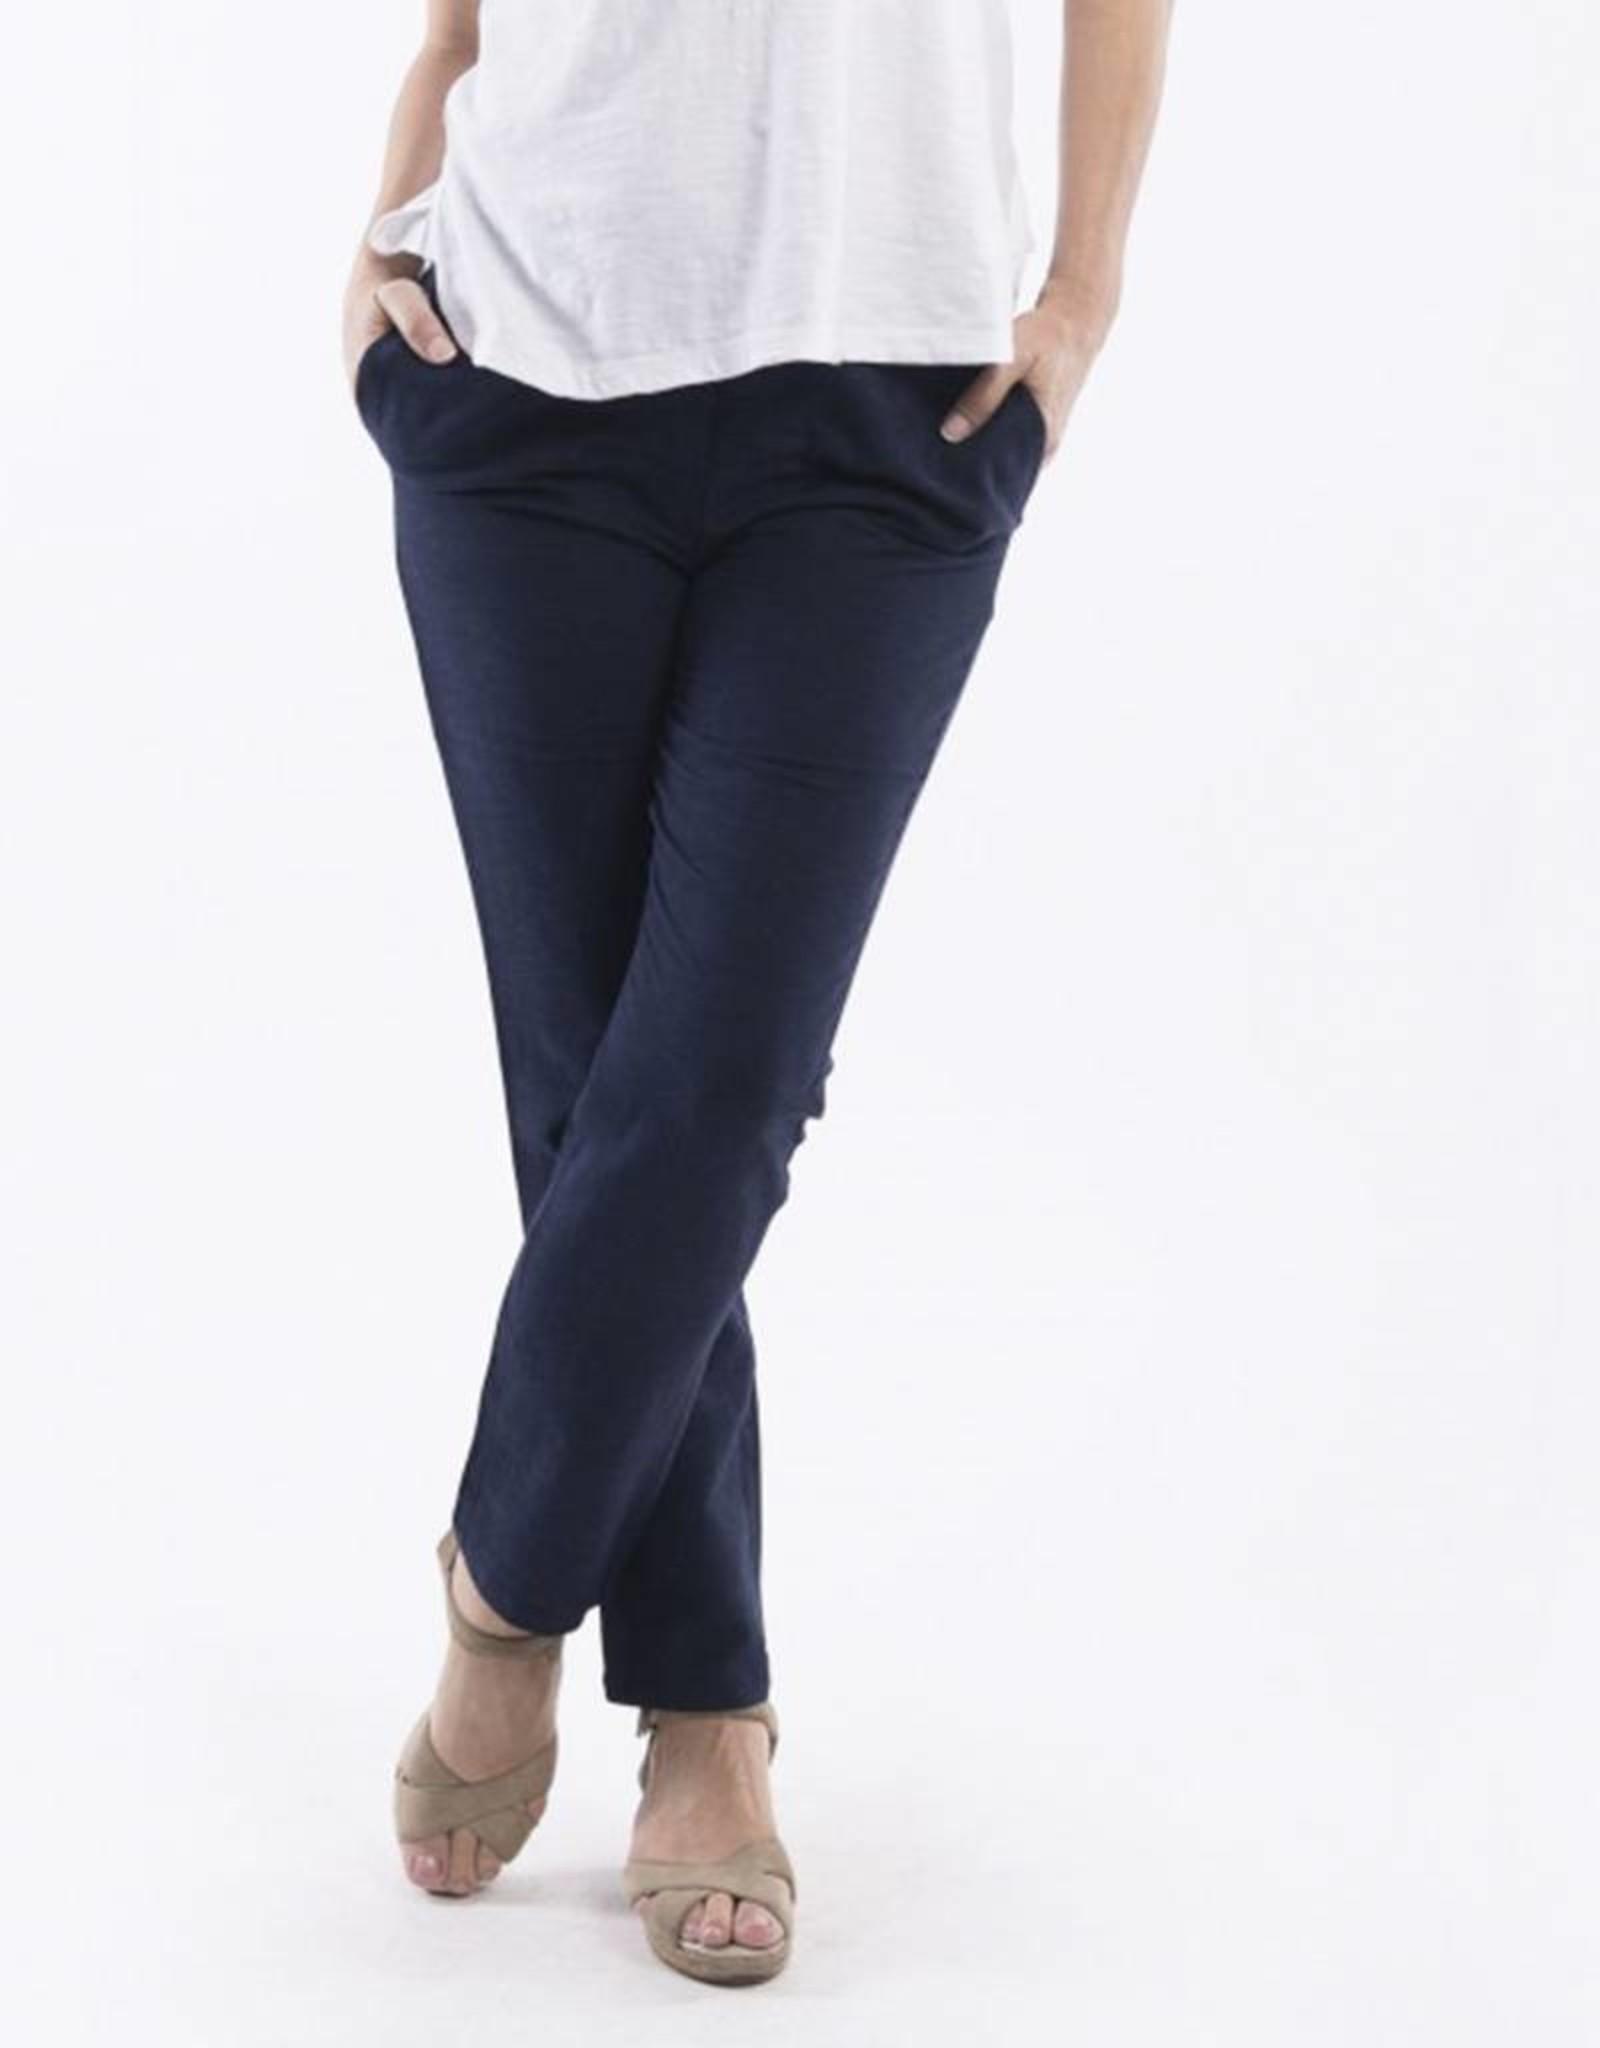 Orientique Linen Pants in Navy